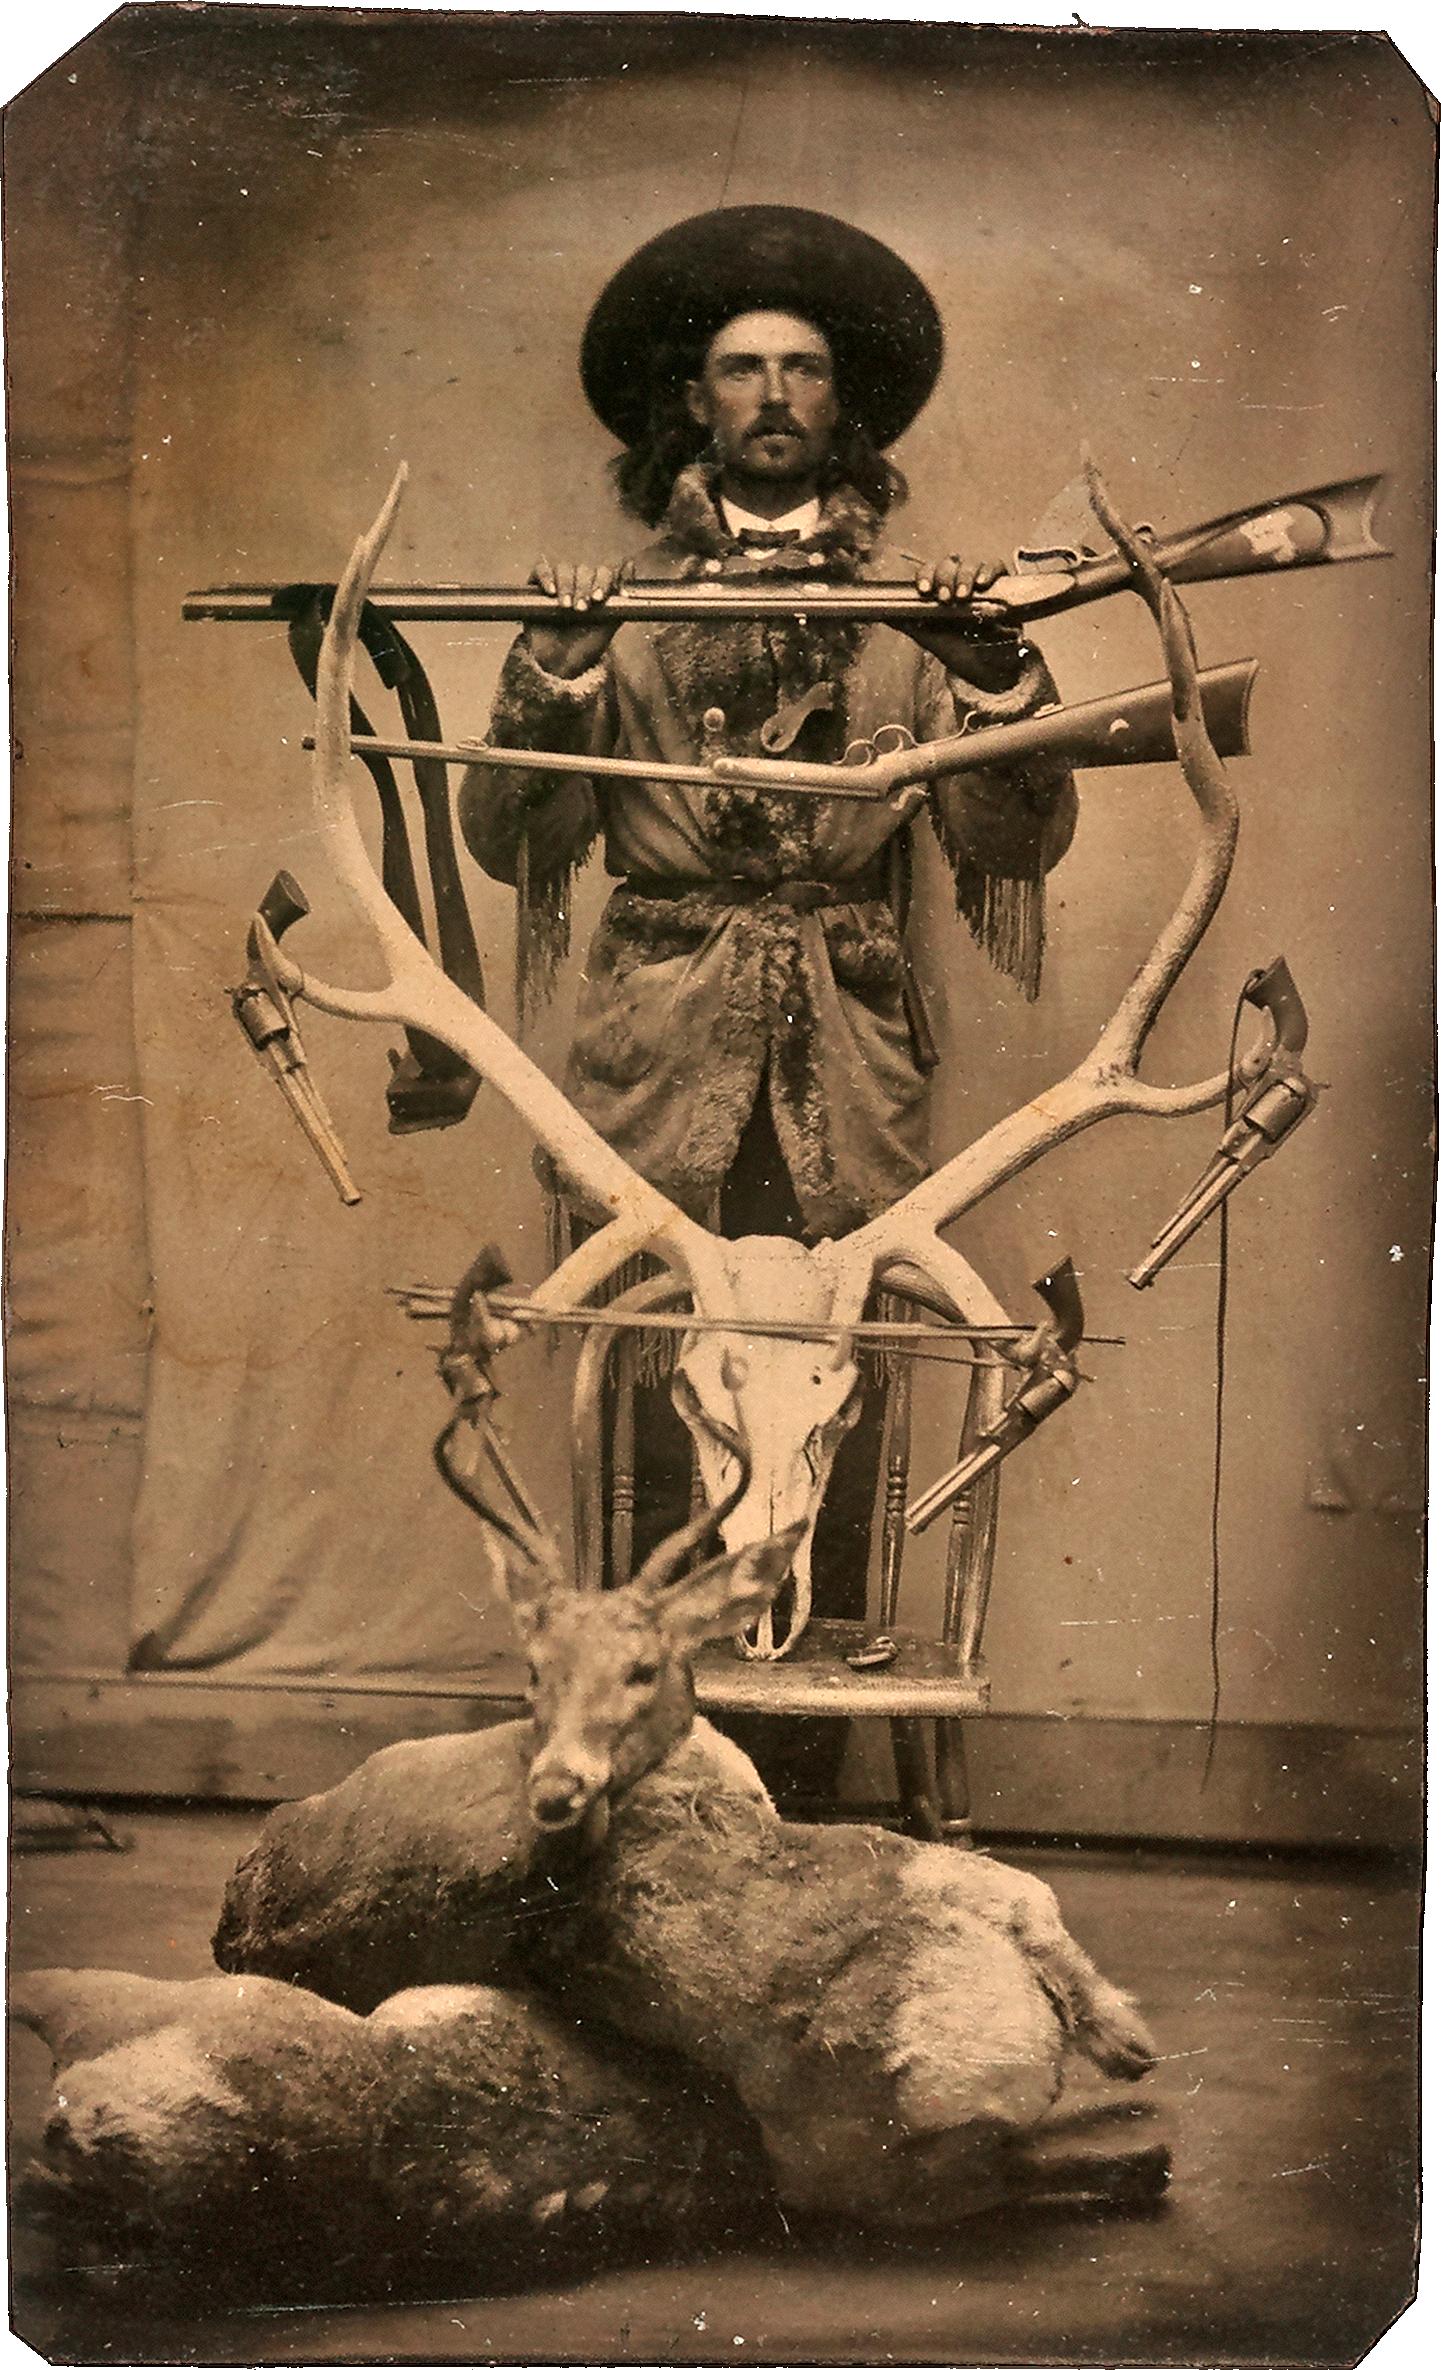 The life of the hunter buffalo bill